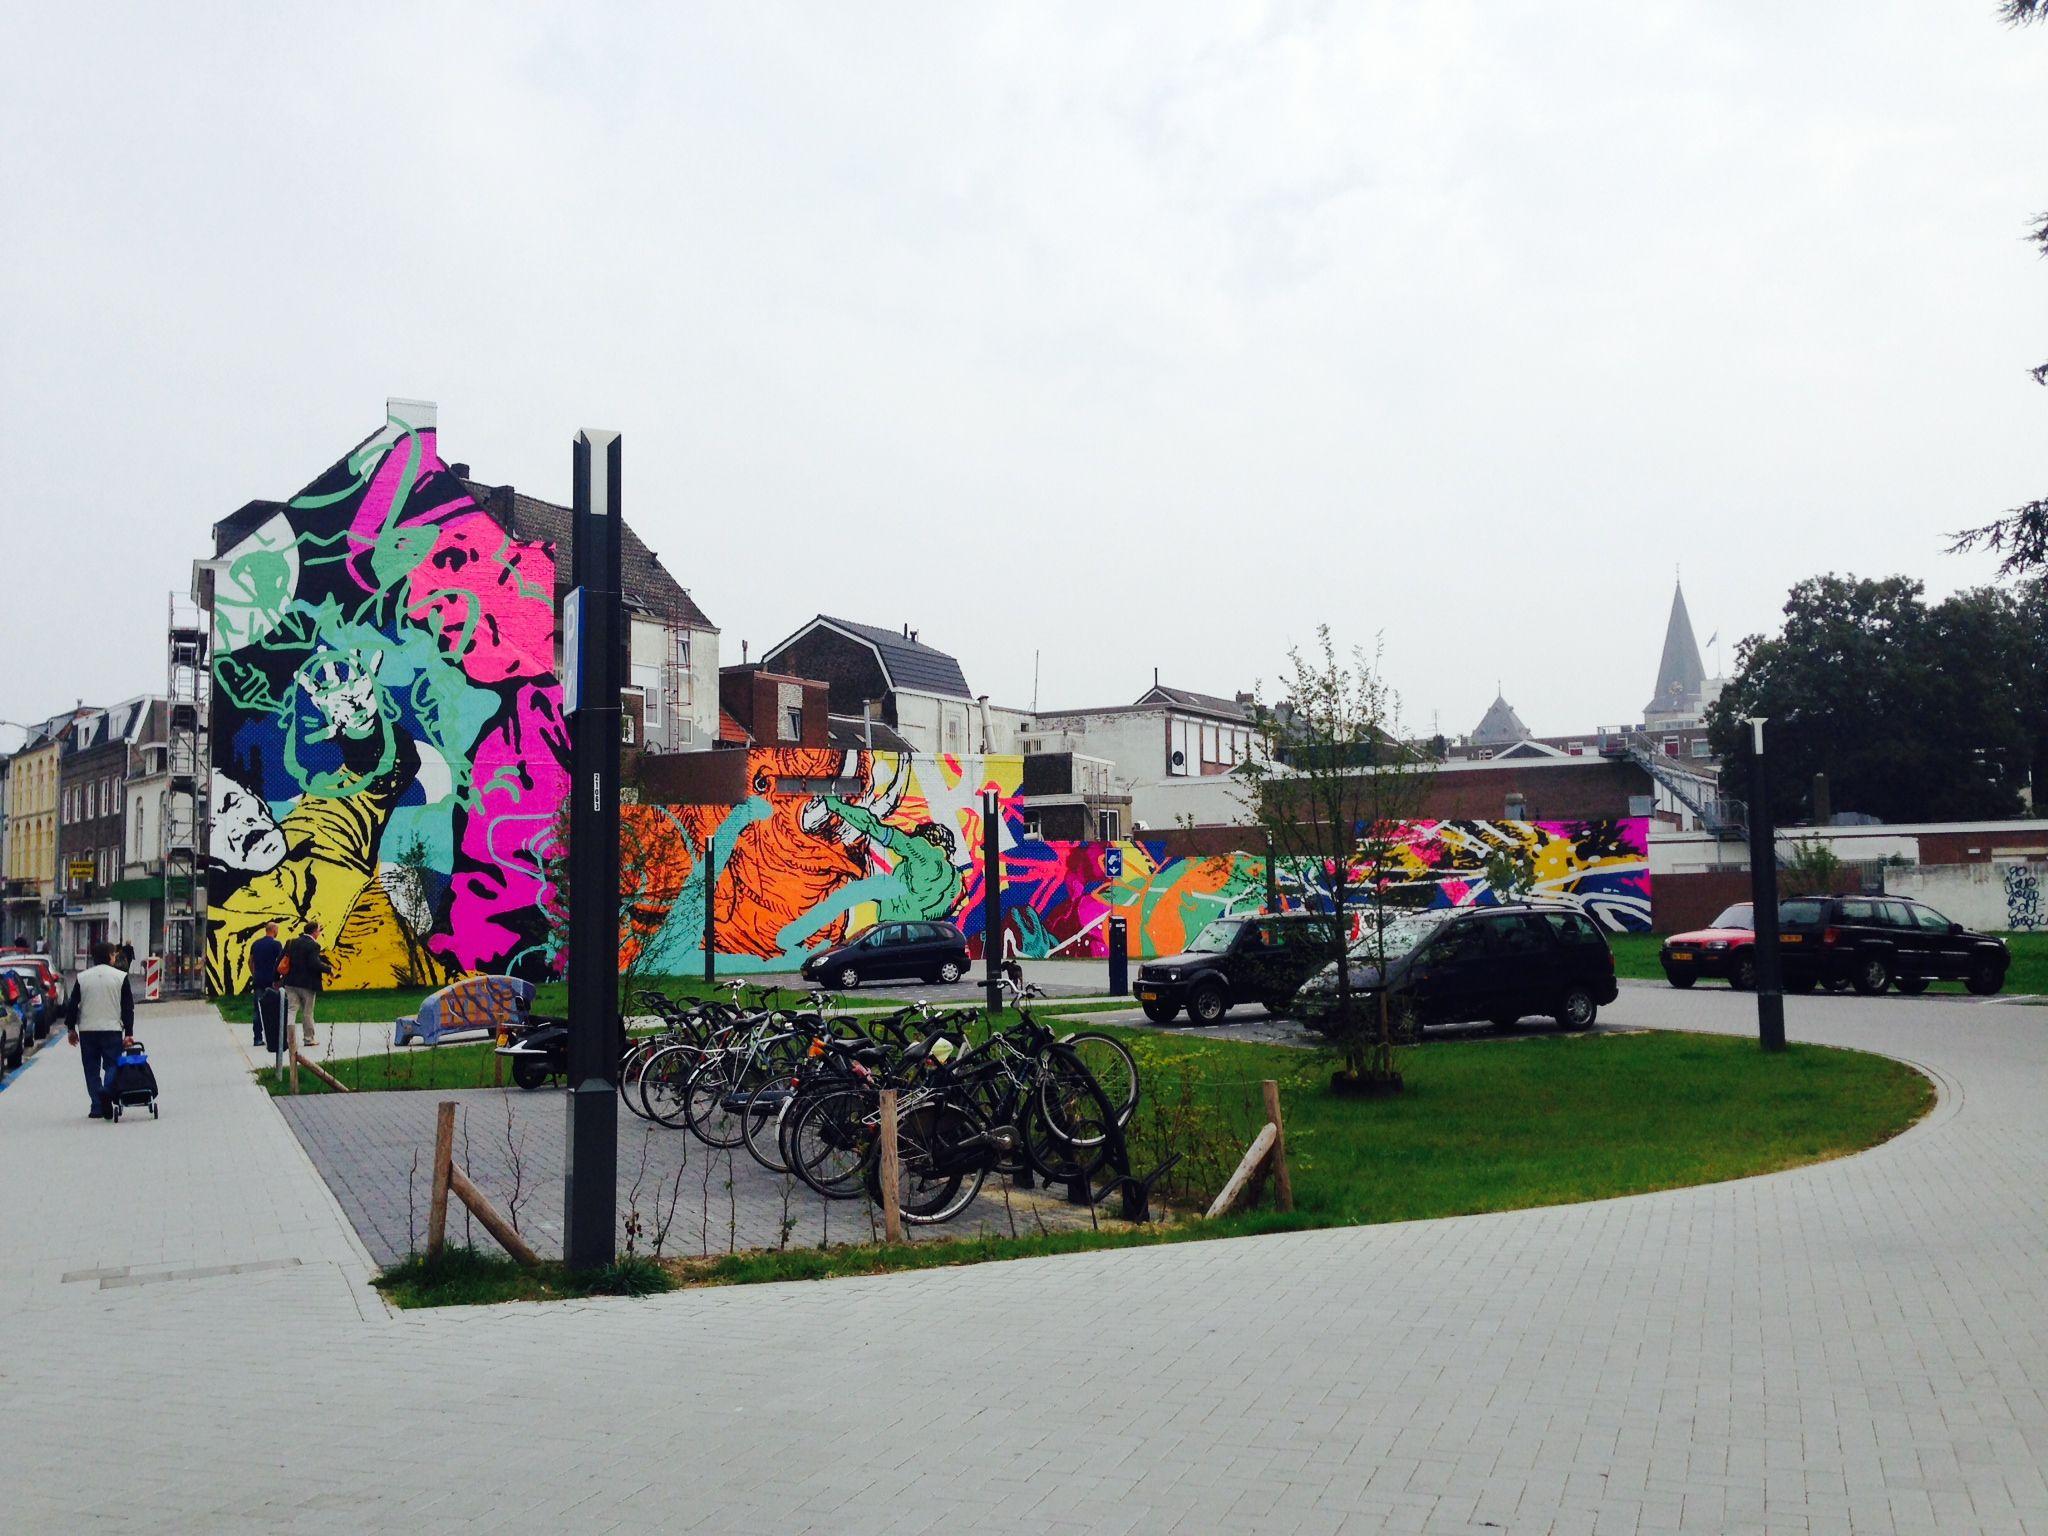 streetart heerlen - Google zoeken